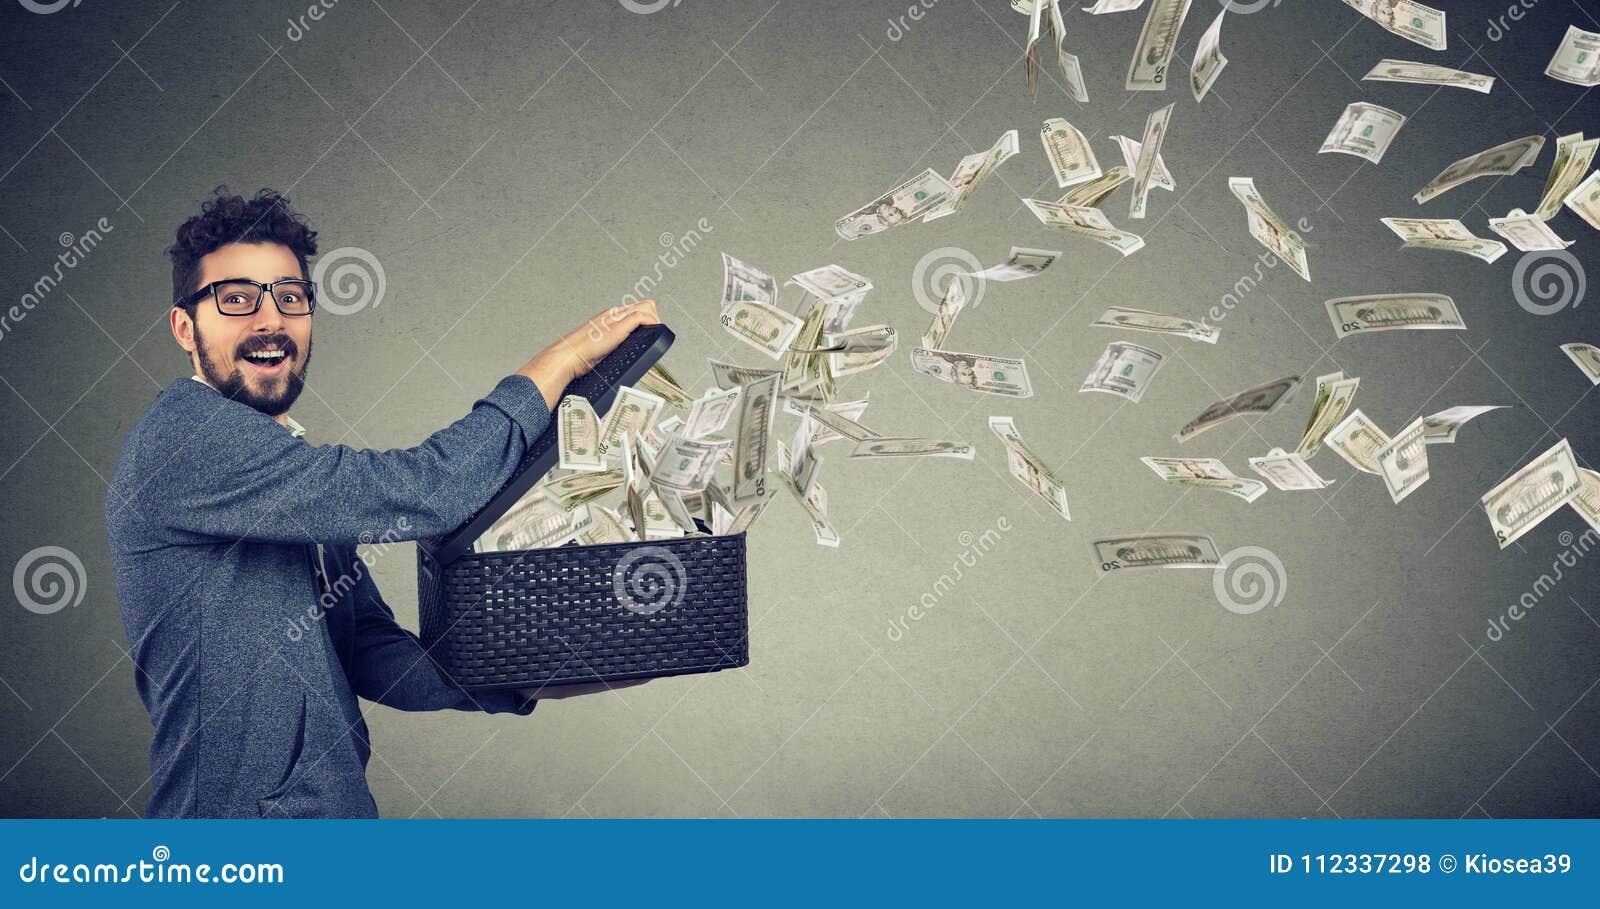 Biznesowy mężczyzna otwiera pudełko pozwala dolarowych banknoty latać daleko od